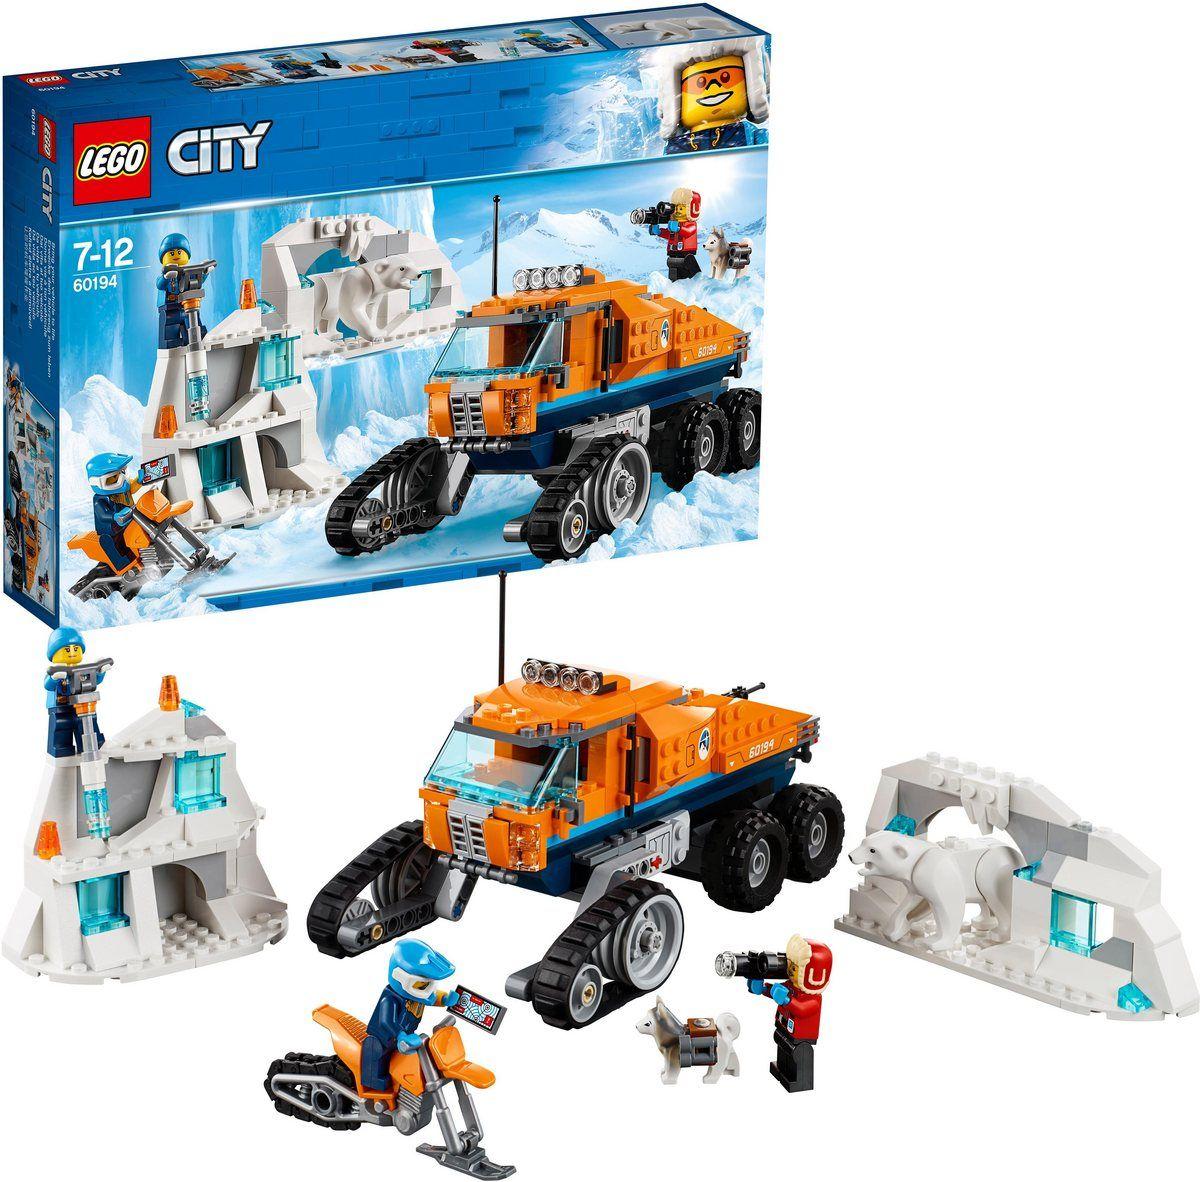 Konstruktionsspielsteine Arktis Erkundungstruck 60194 City